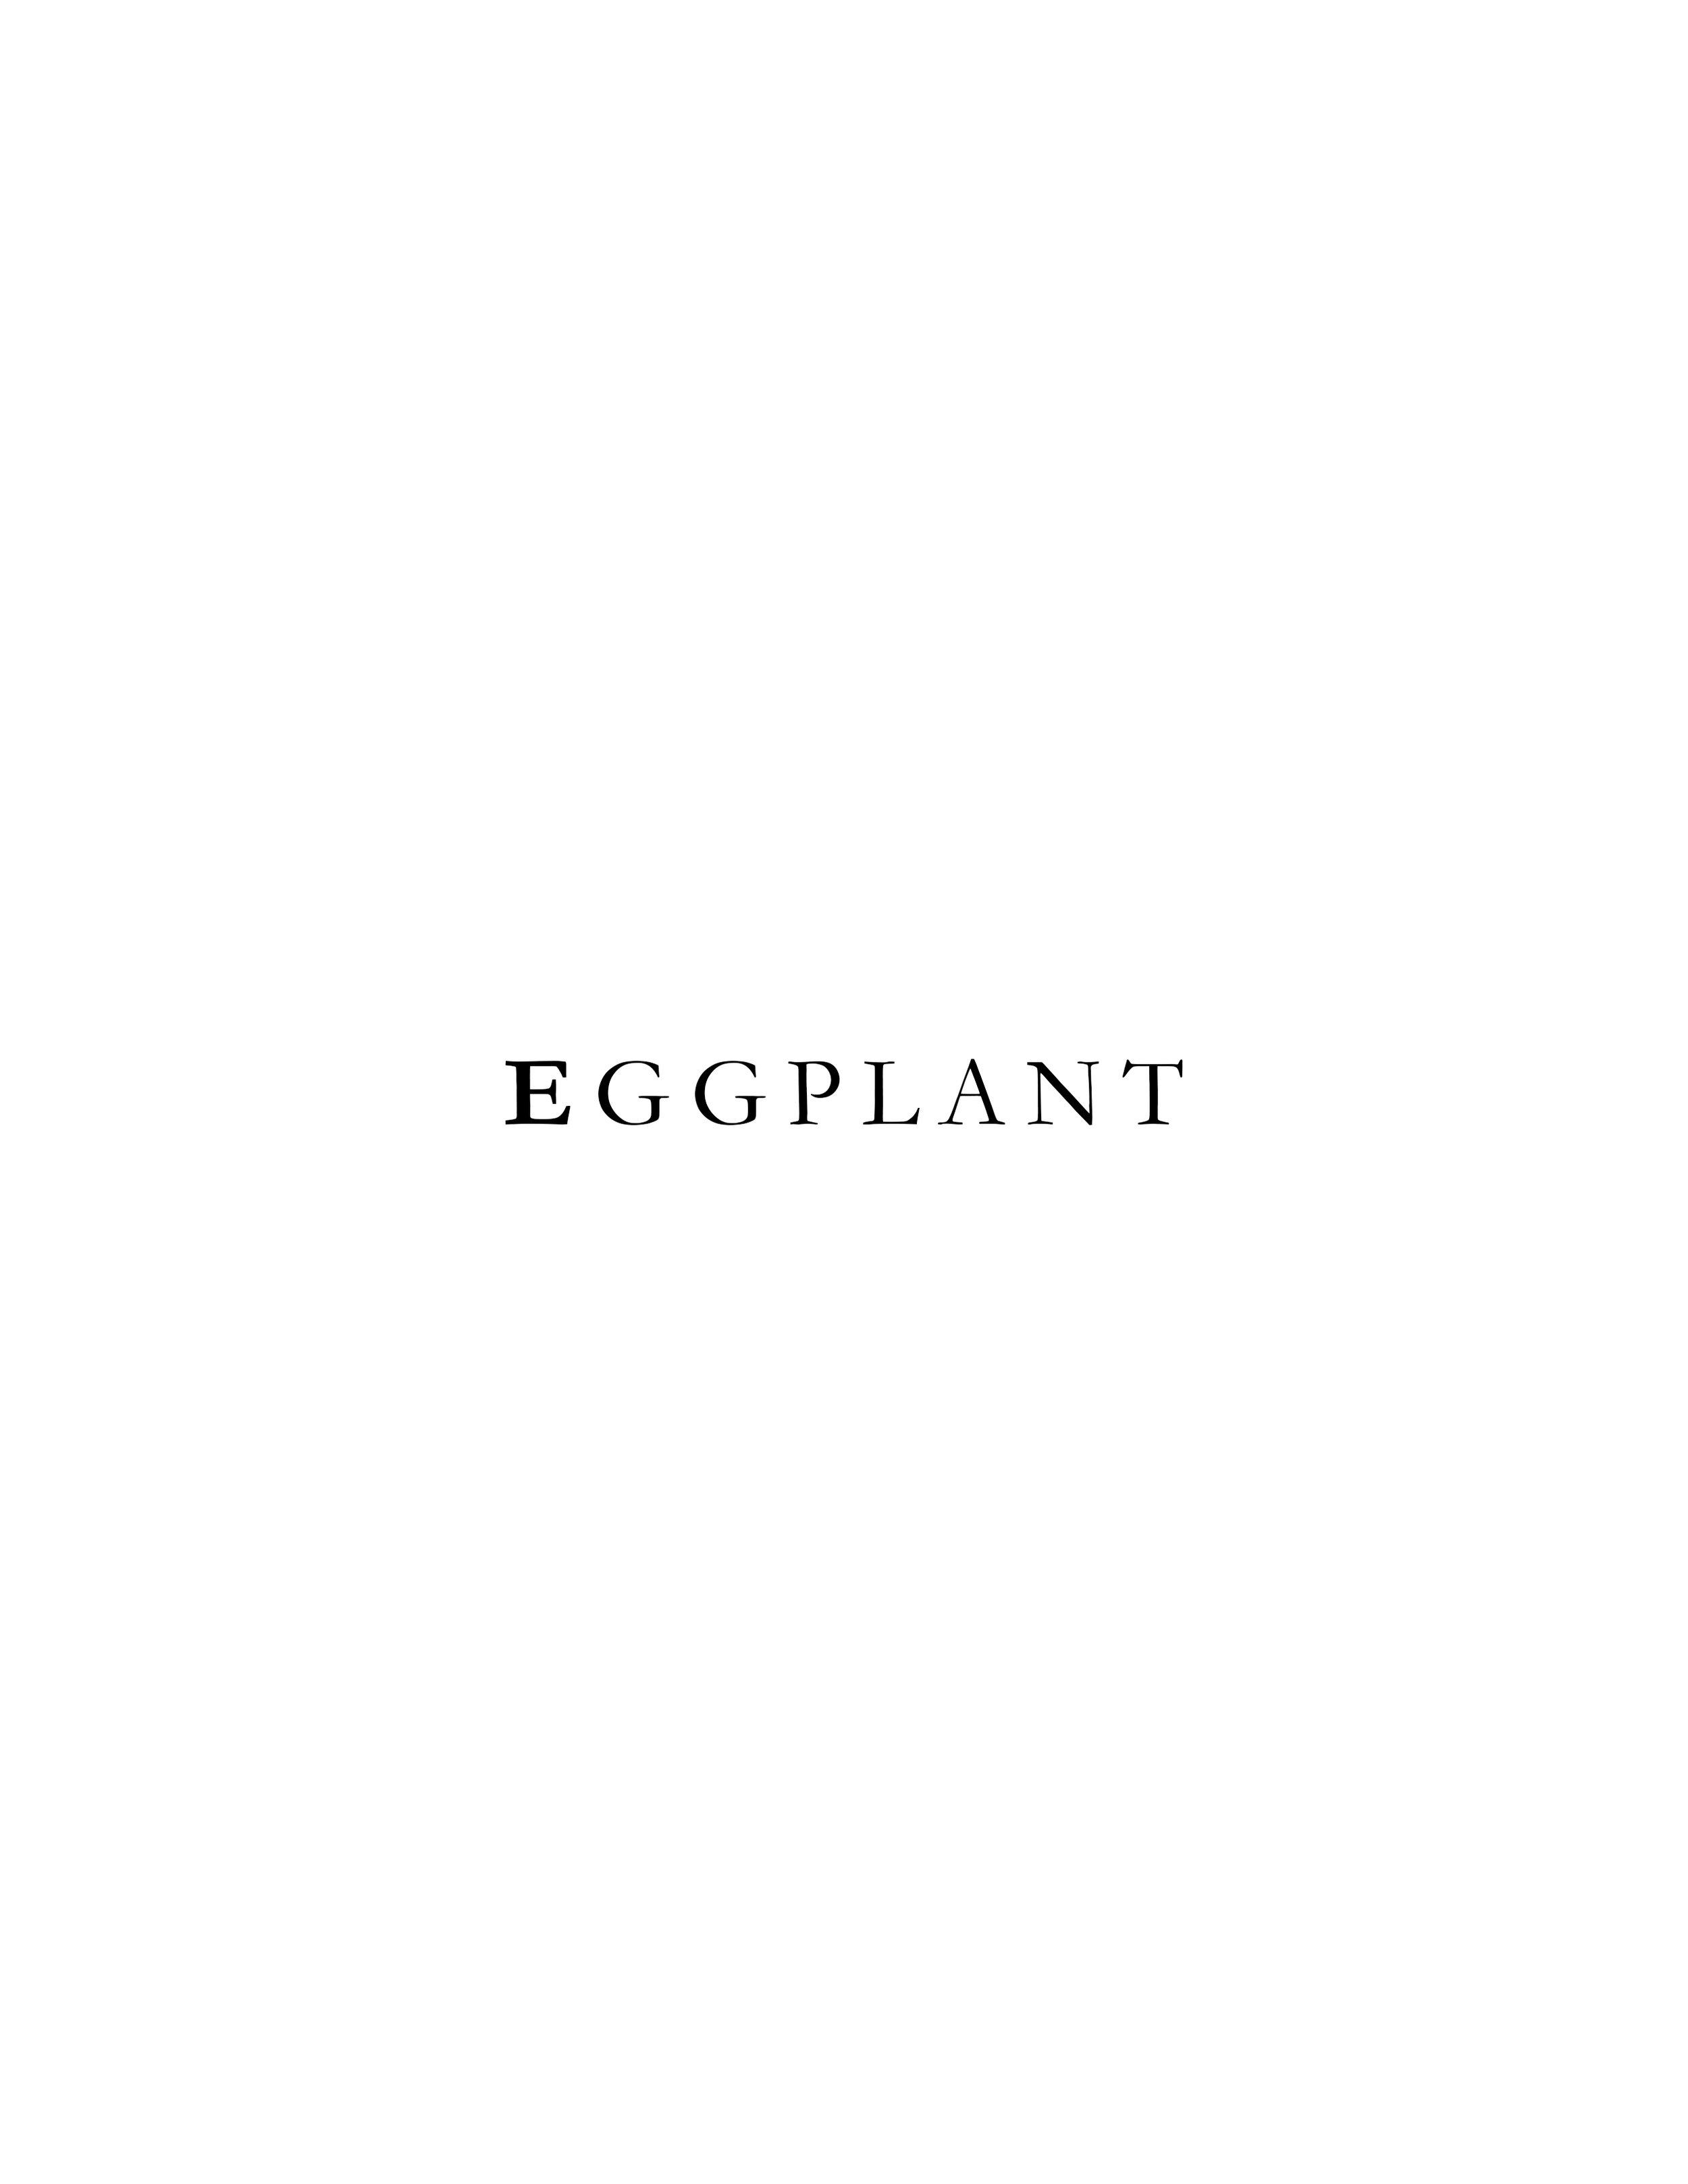 Text_Eggplant.jpg